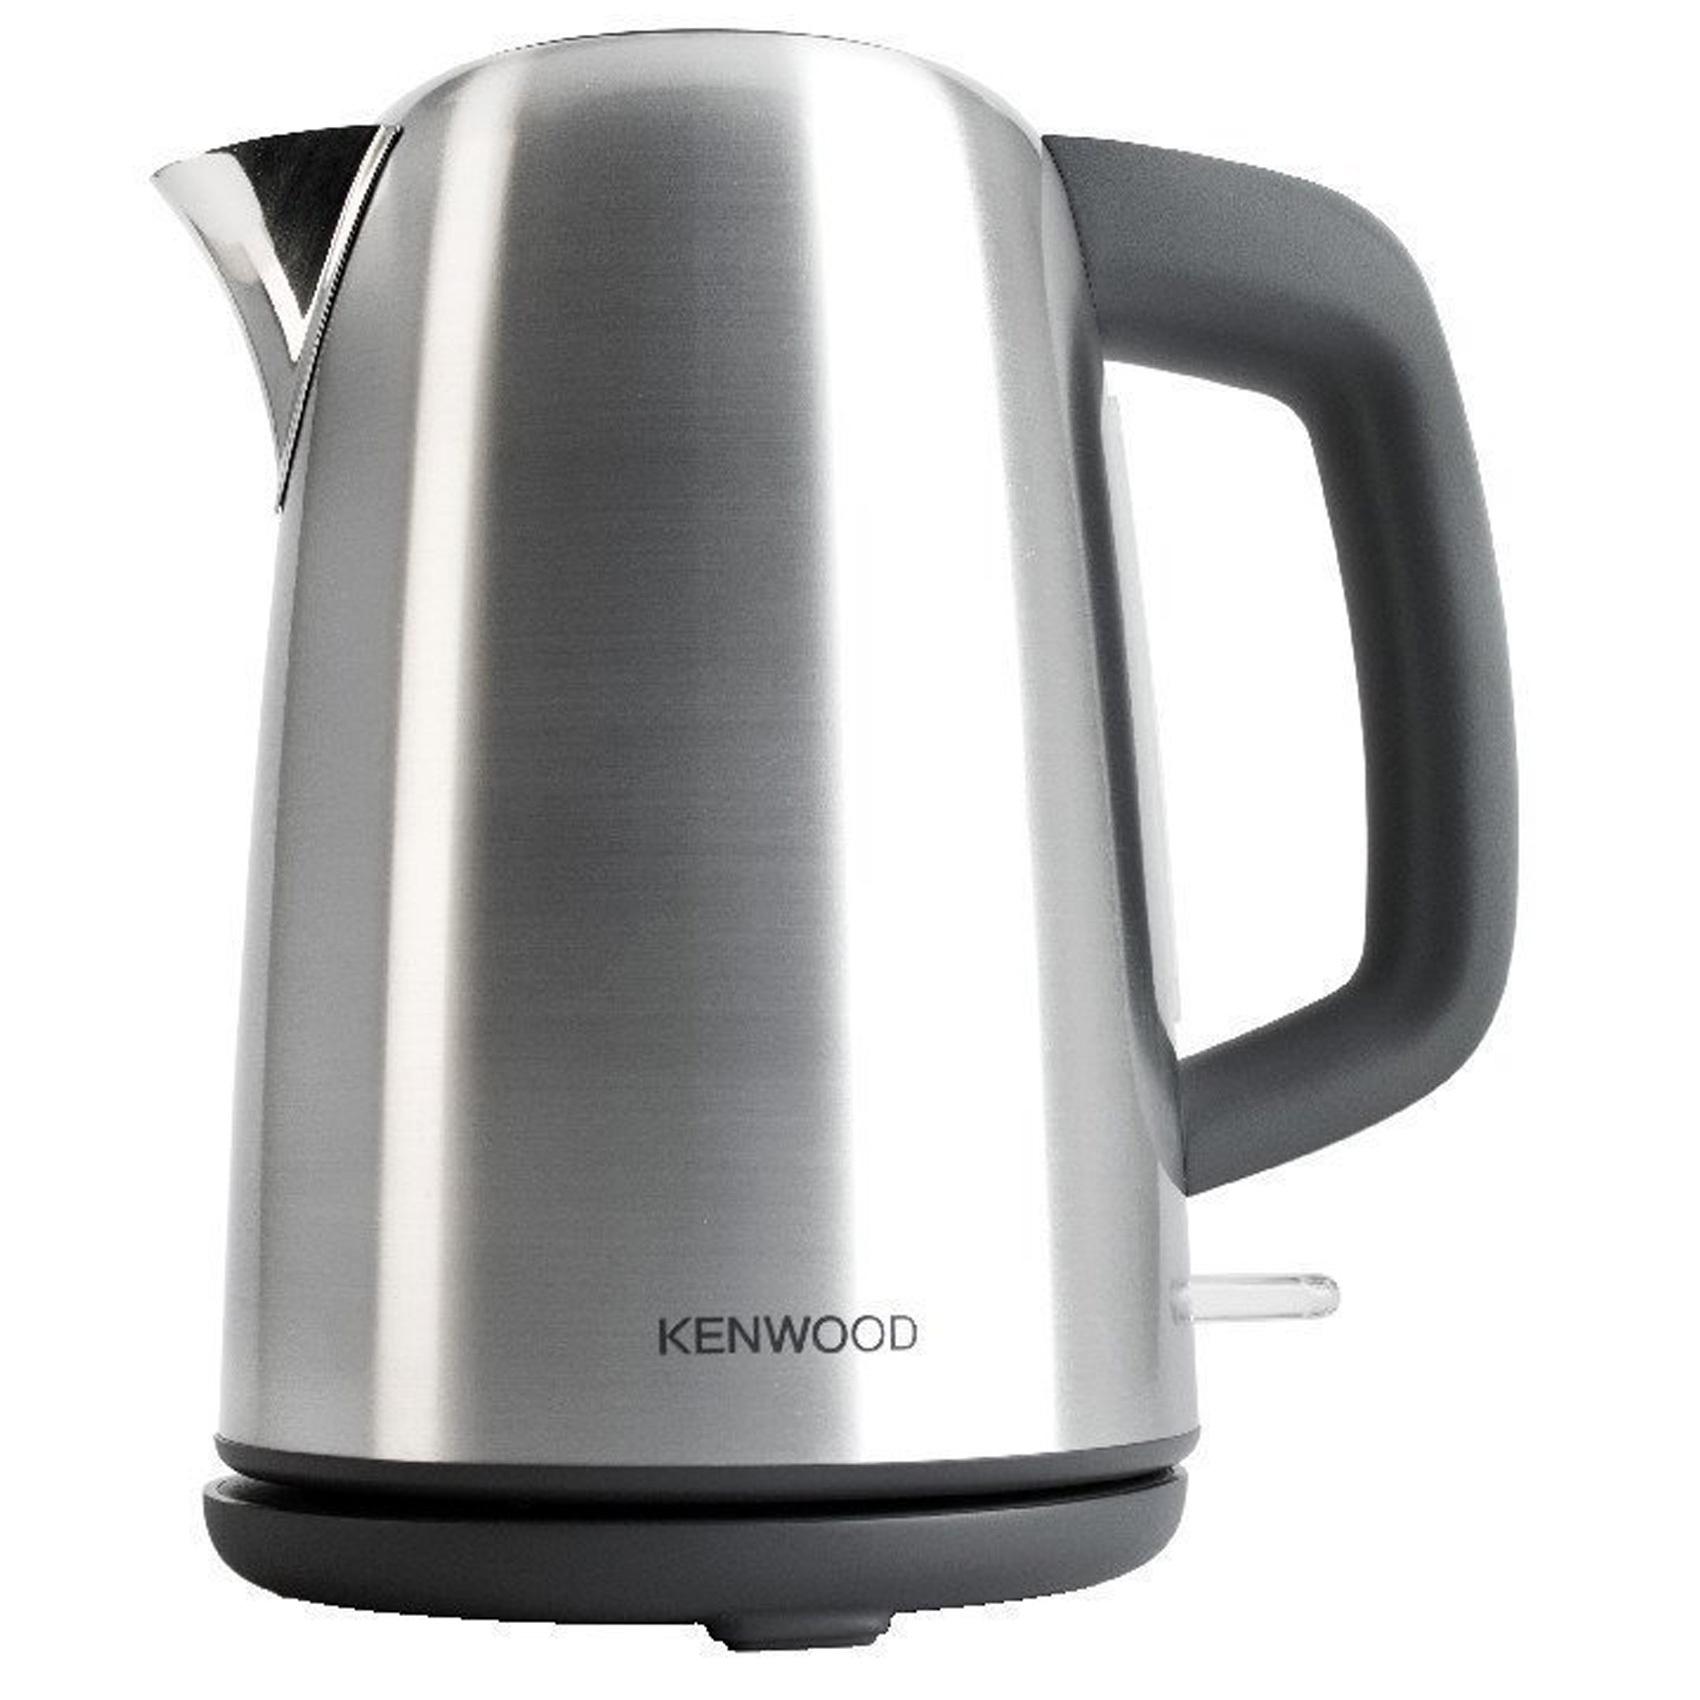 KENWOOD KETTLE SS SJM480